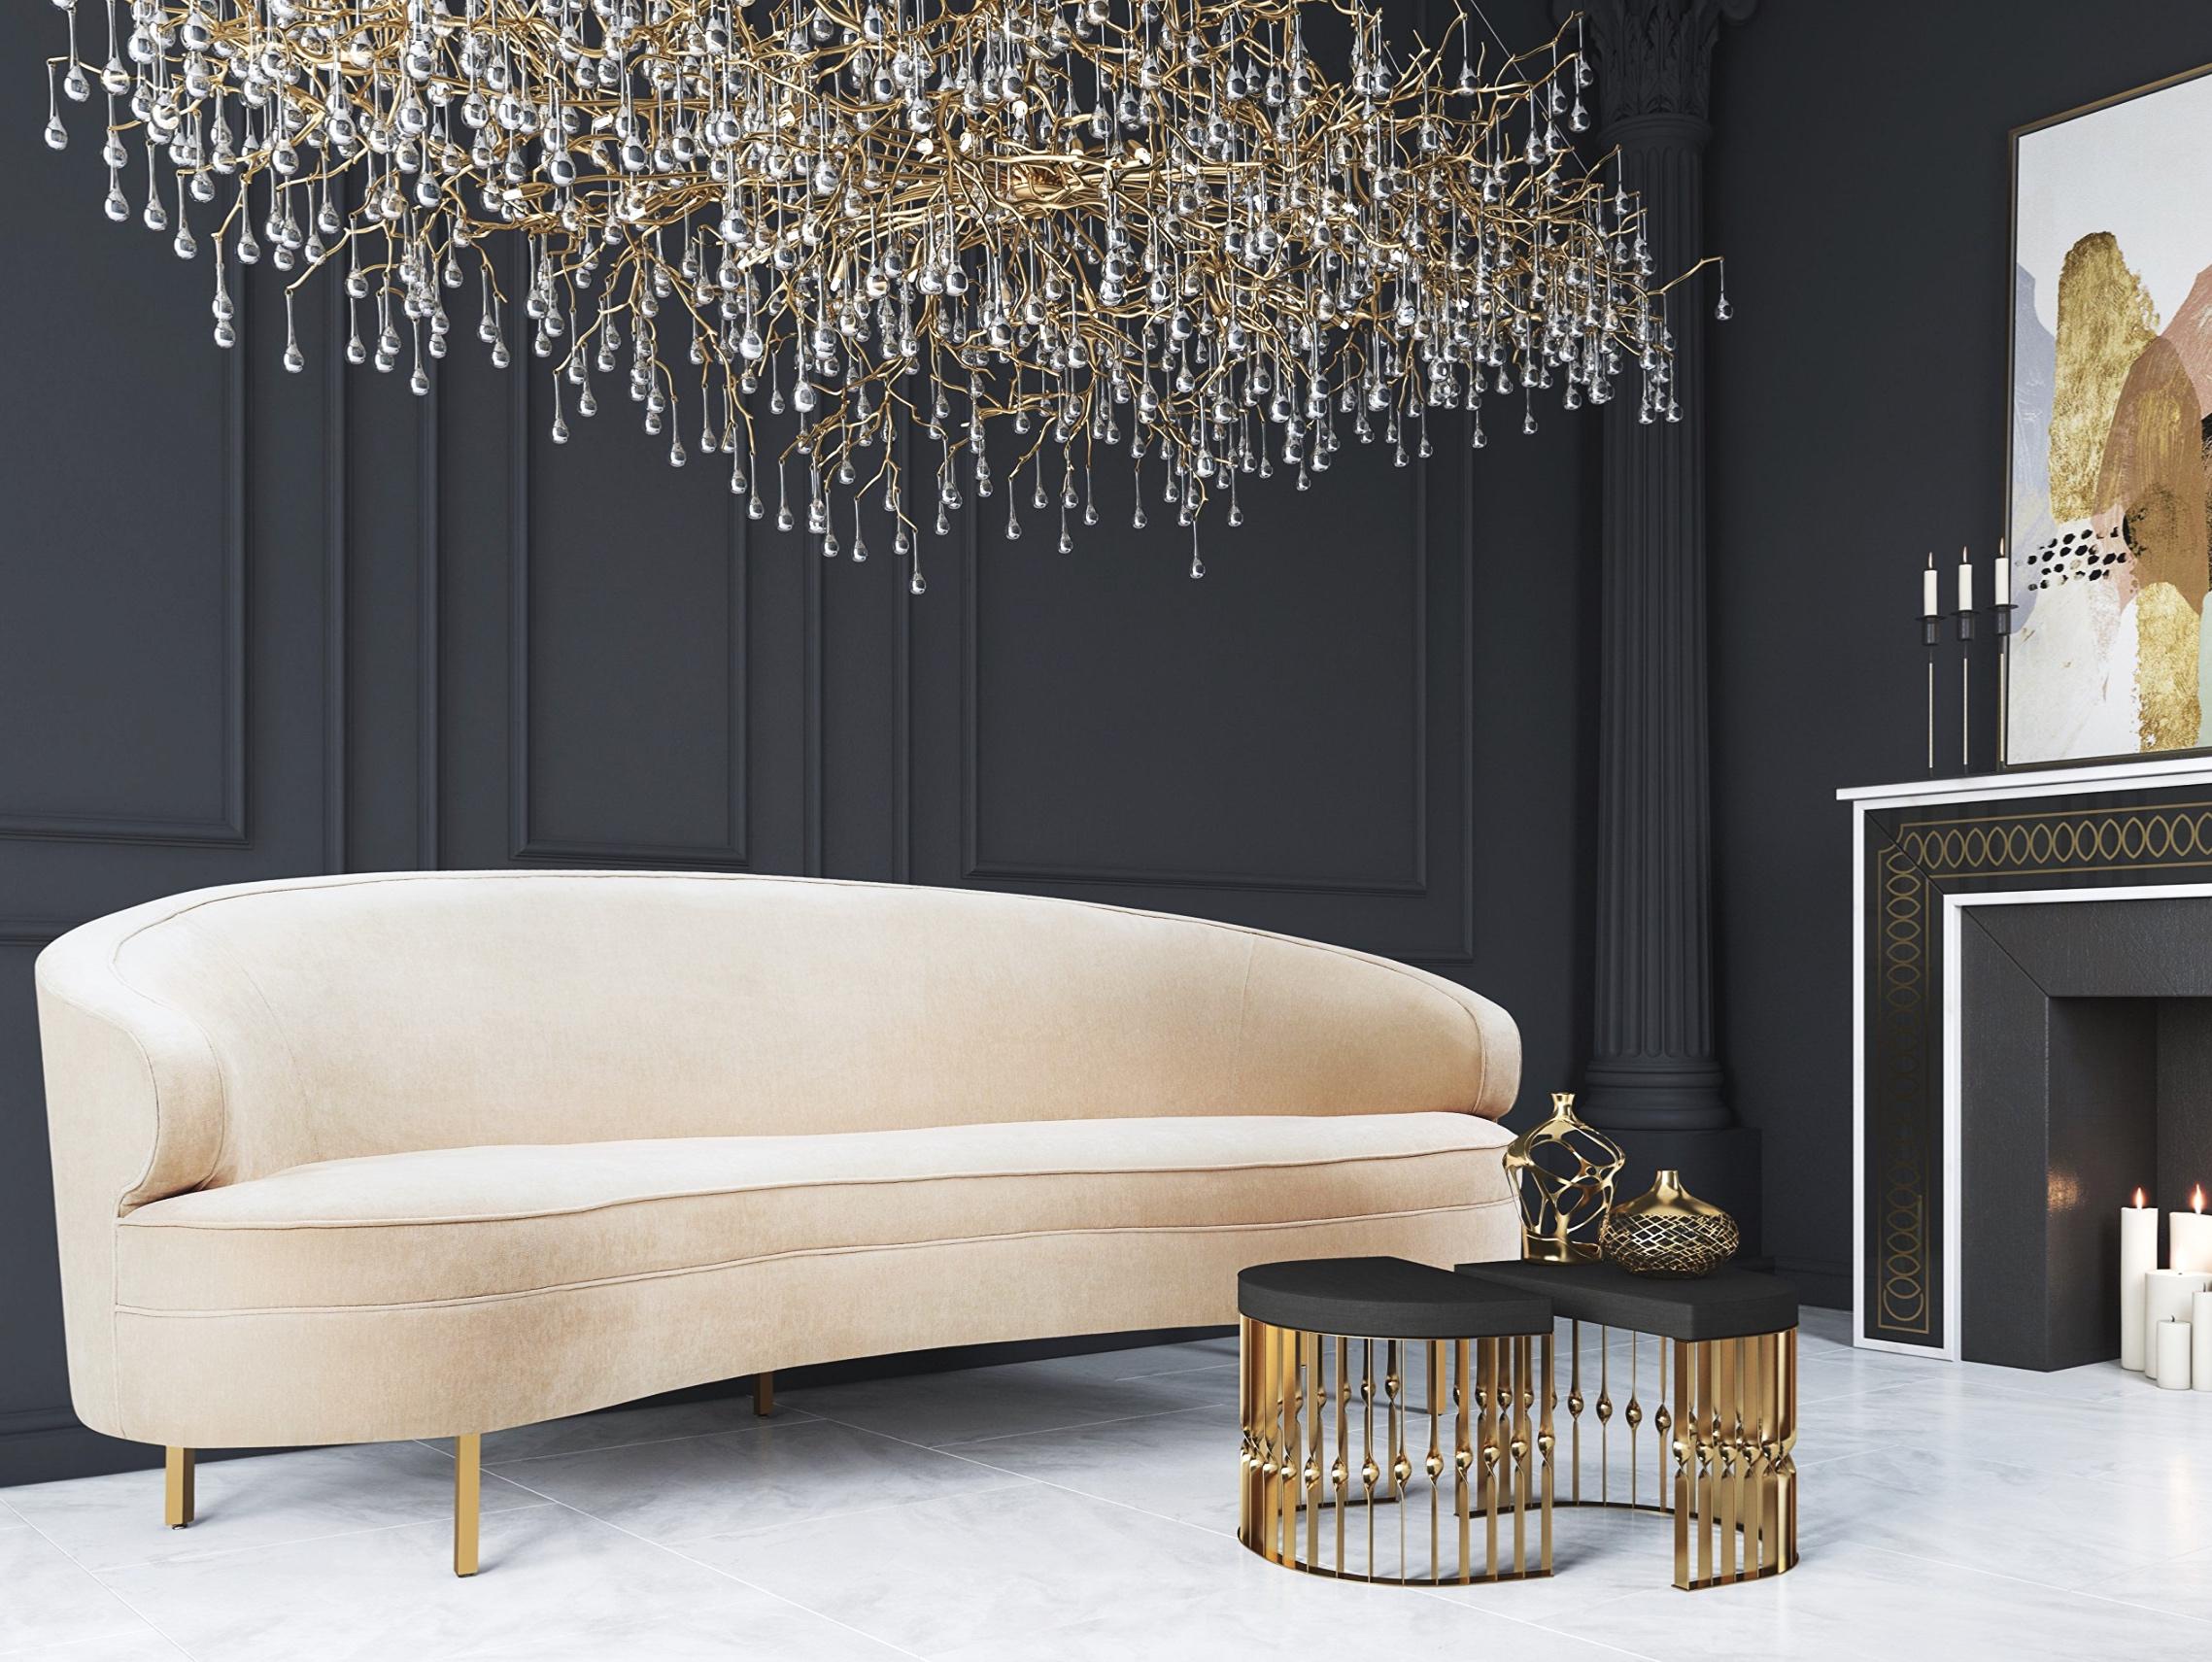 Tov Furniture Balia Collection Velvet Upholstered Midcentury Modern Sofa